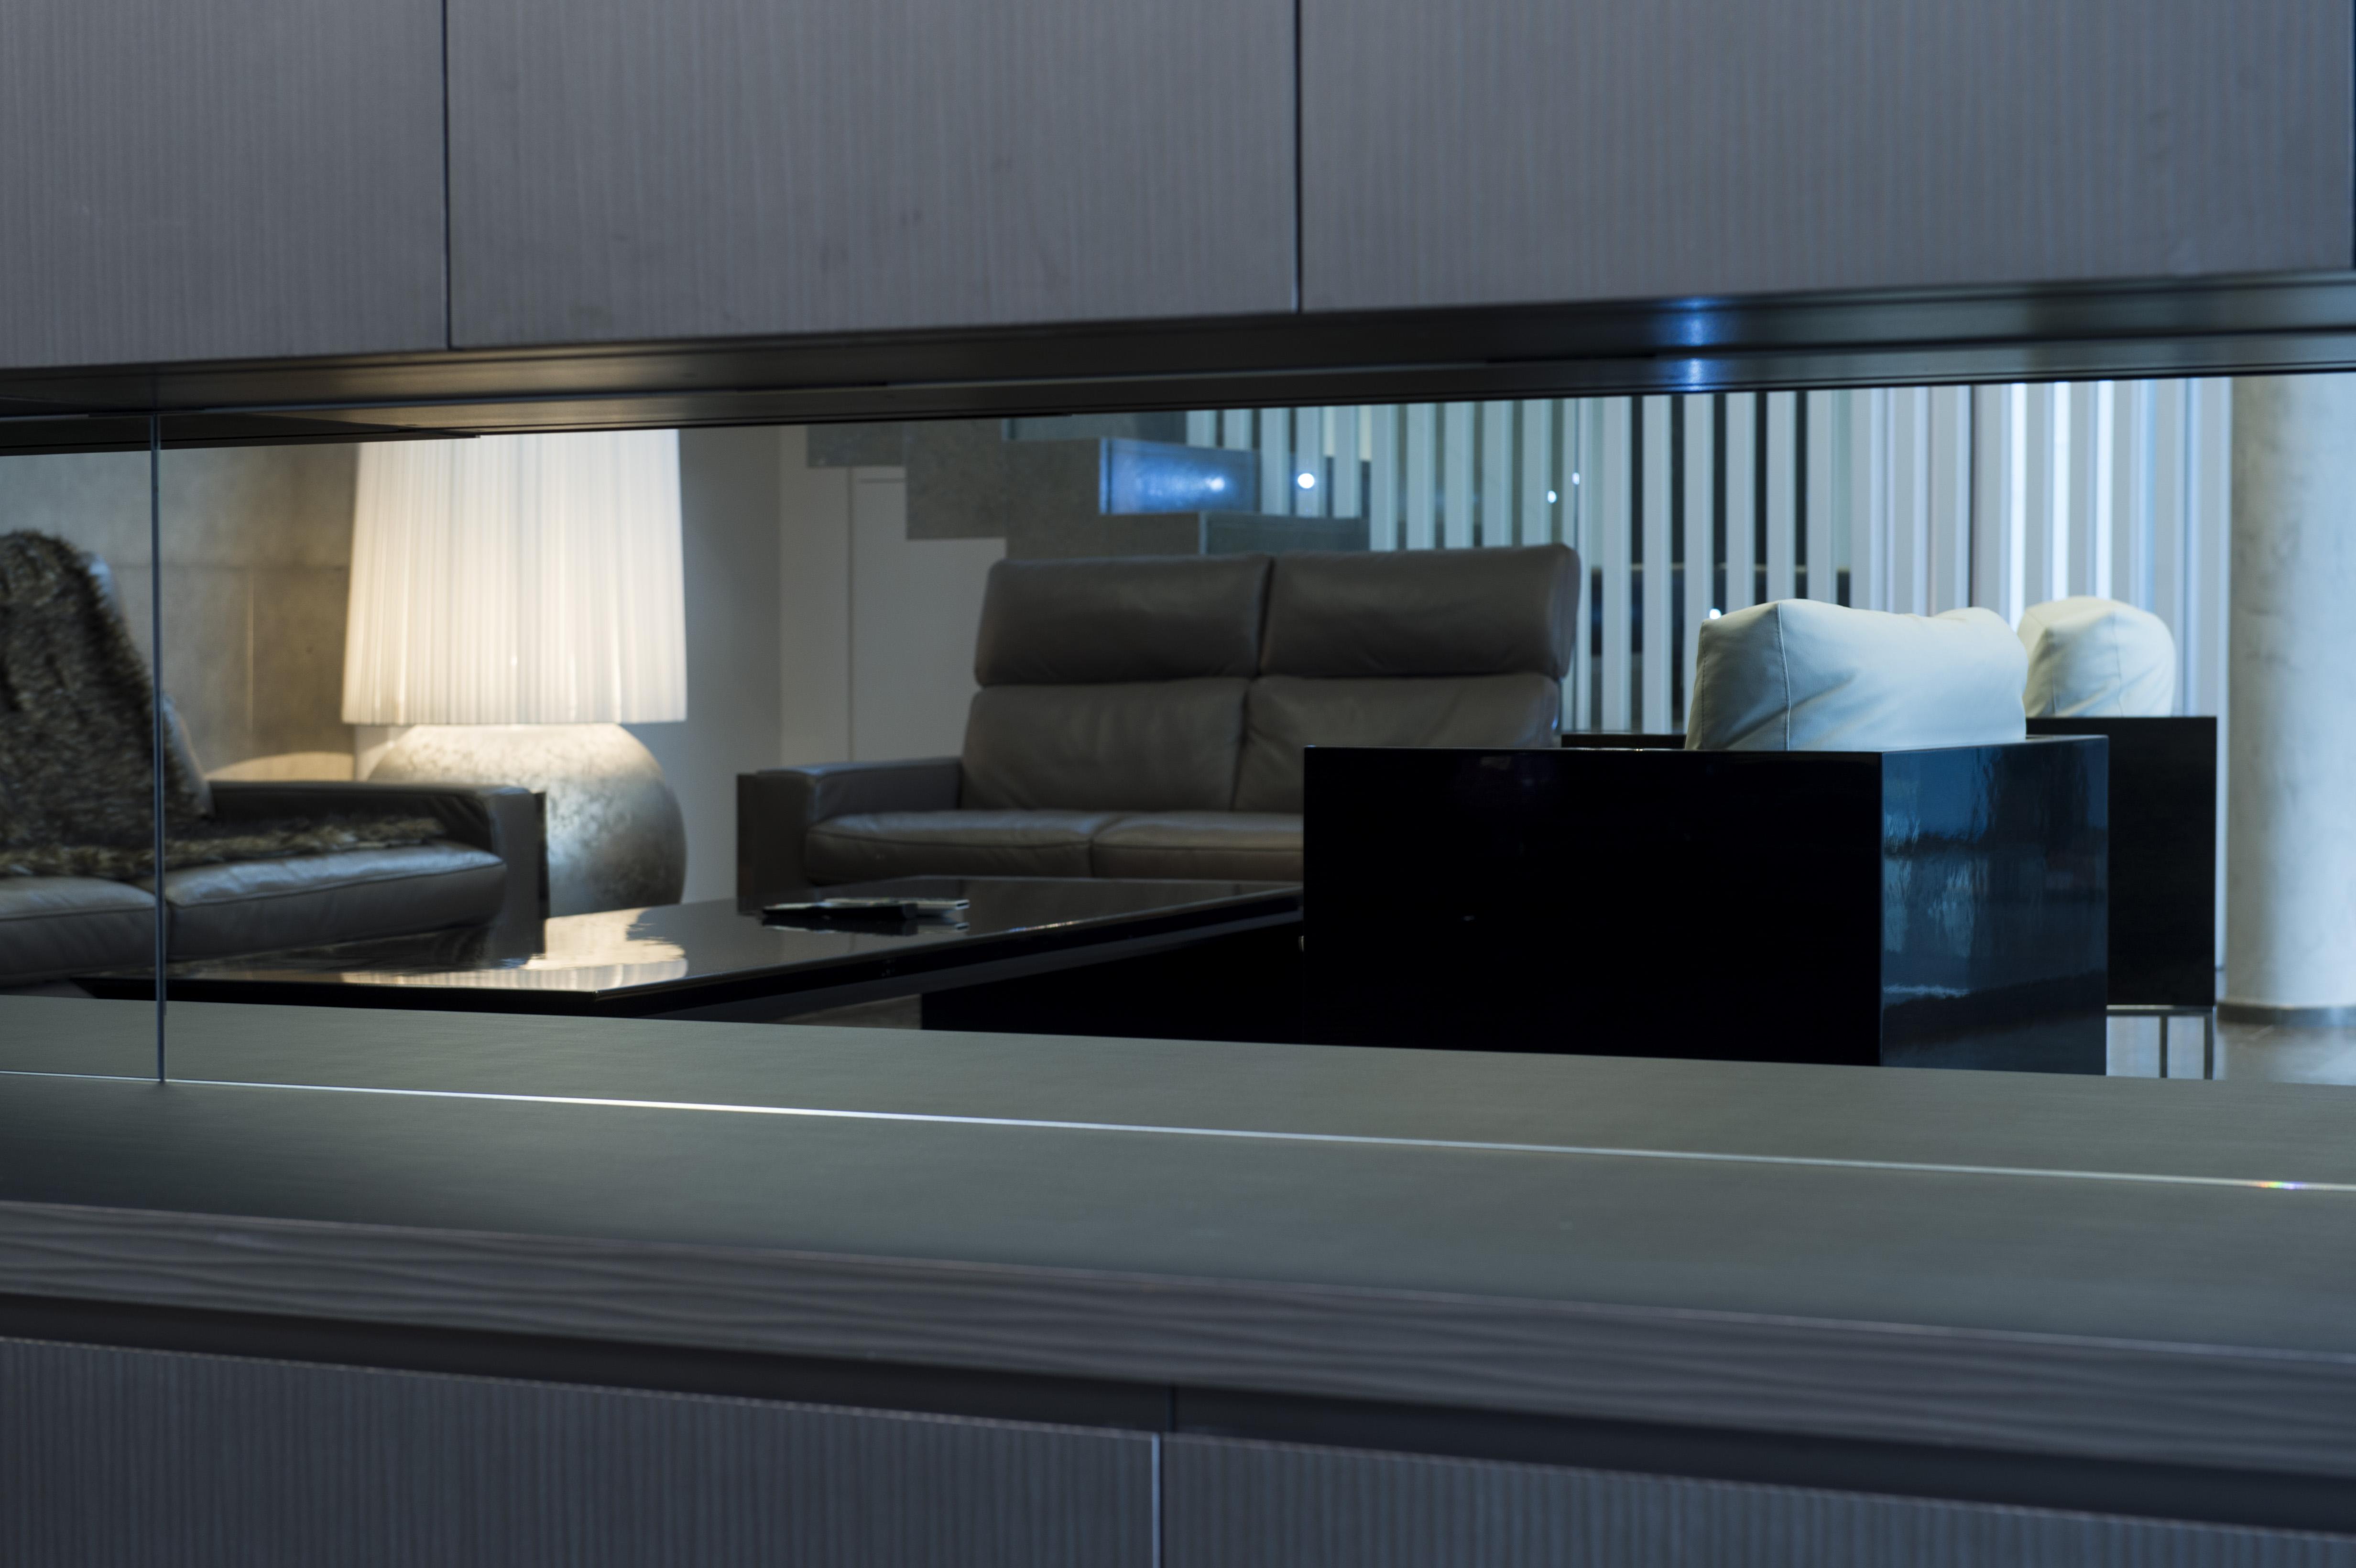 cr dence miroiterie targe sp cialiste de produits verriers lyon. Black Bedroom Furniture Sets. Home Design Ideas